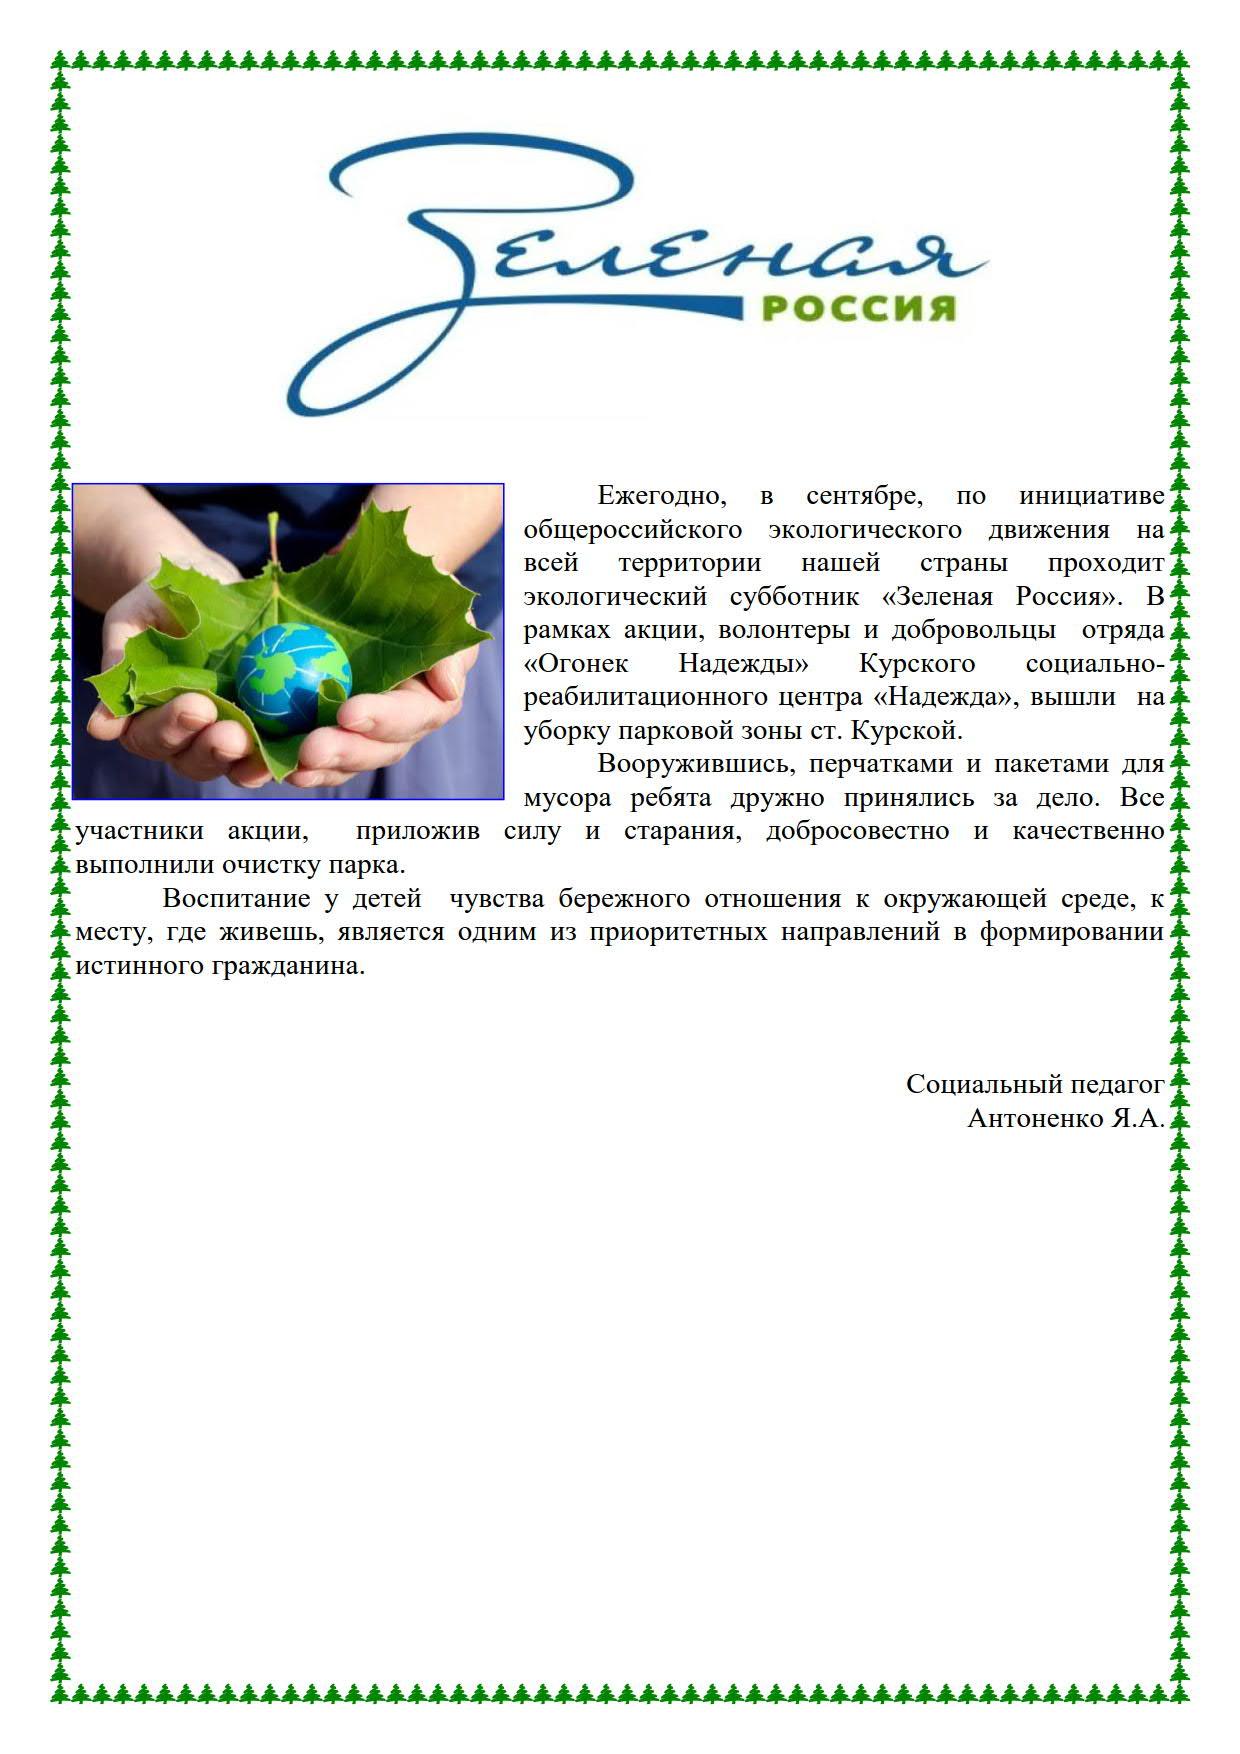 зеленая россия статья_1